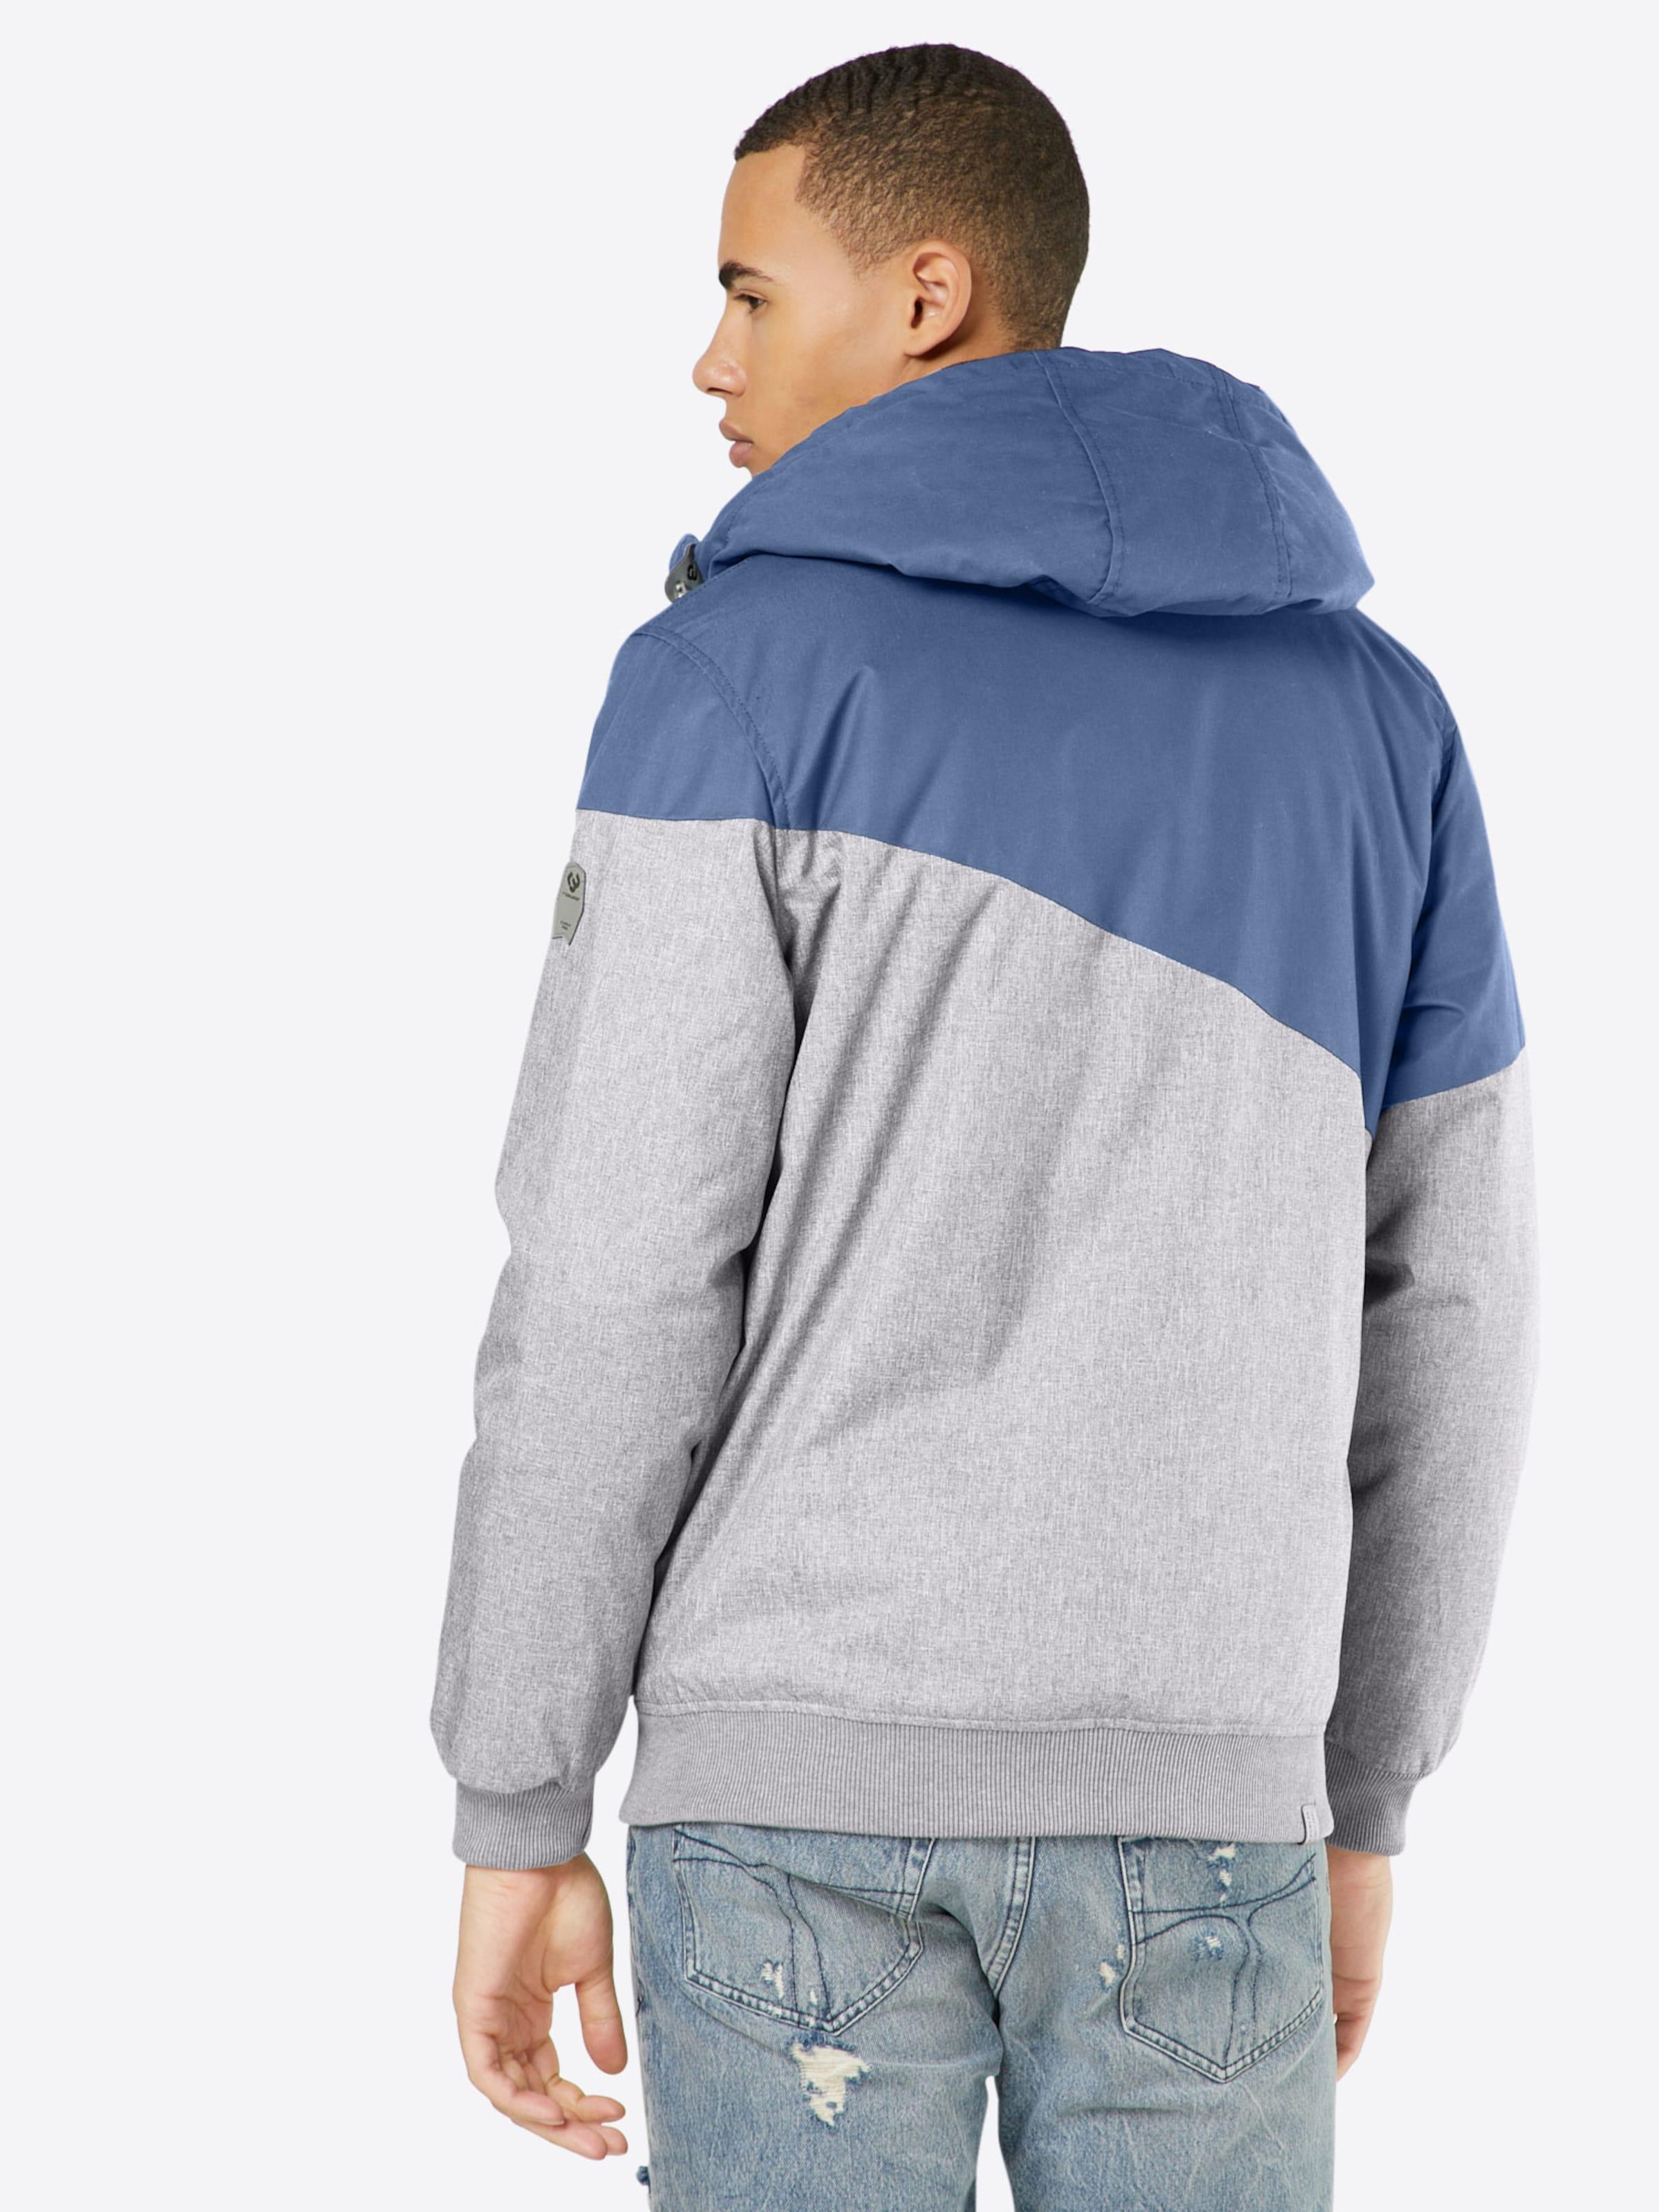 Webseite Günstiger Preis Verkauf Niedrigster Preis Ragwear Übergangsjacke 'WINGS' Breite Palette Von Online xMonZ2WFzu